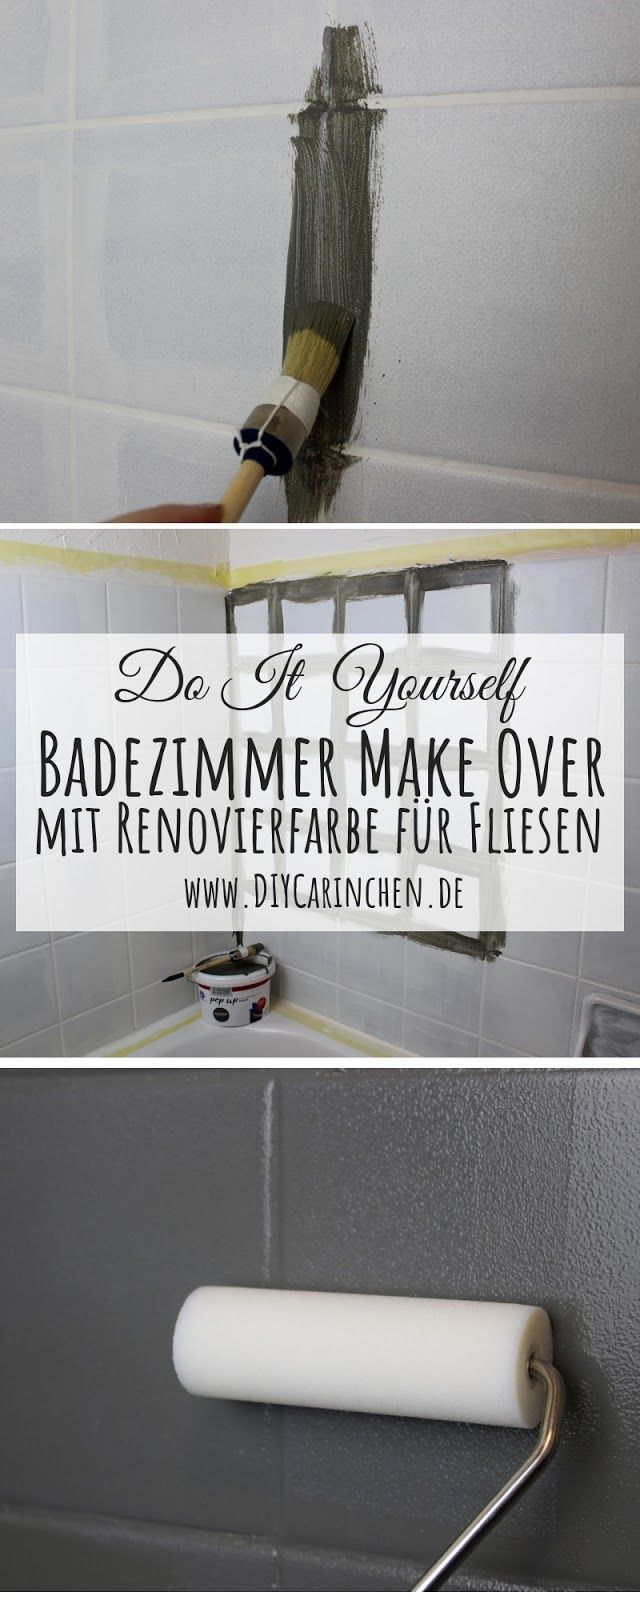 Diy Badezimmer Streichen Und Renovieren Mit Fliesenfarbe Badezimmer Streichen Fliesenfarbe Und Badezimmer Gestalten